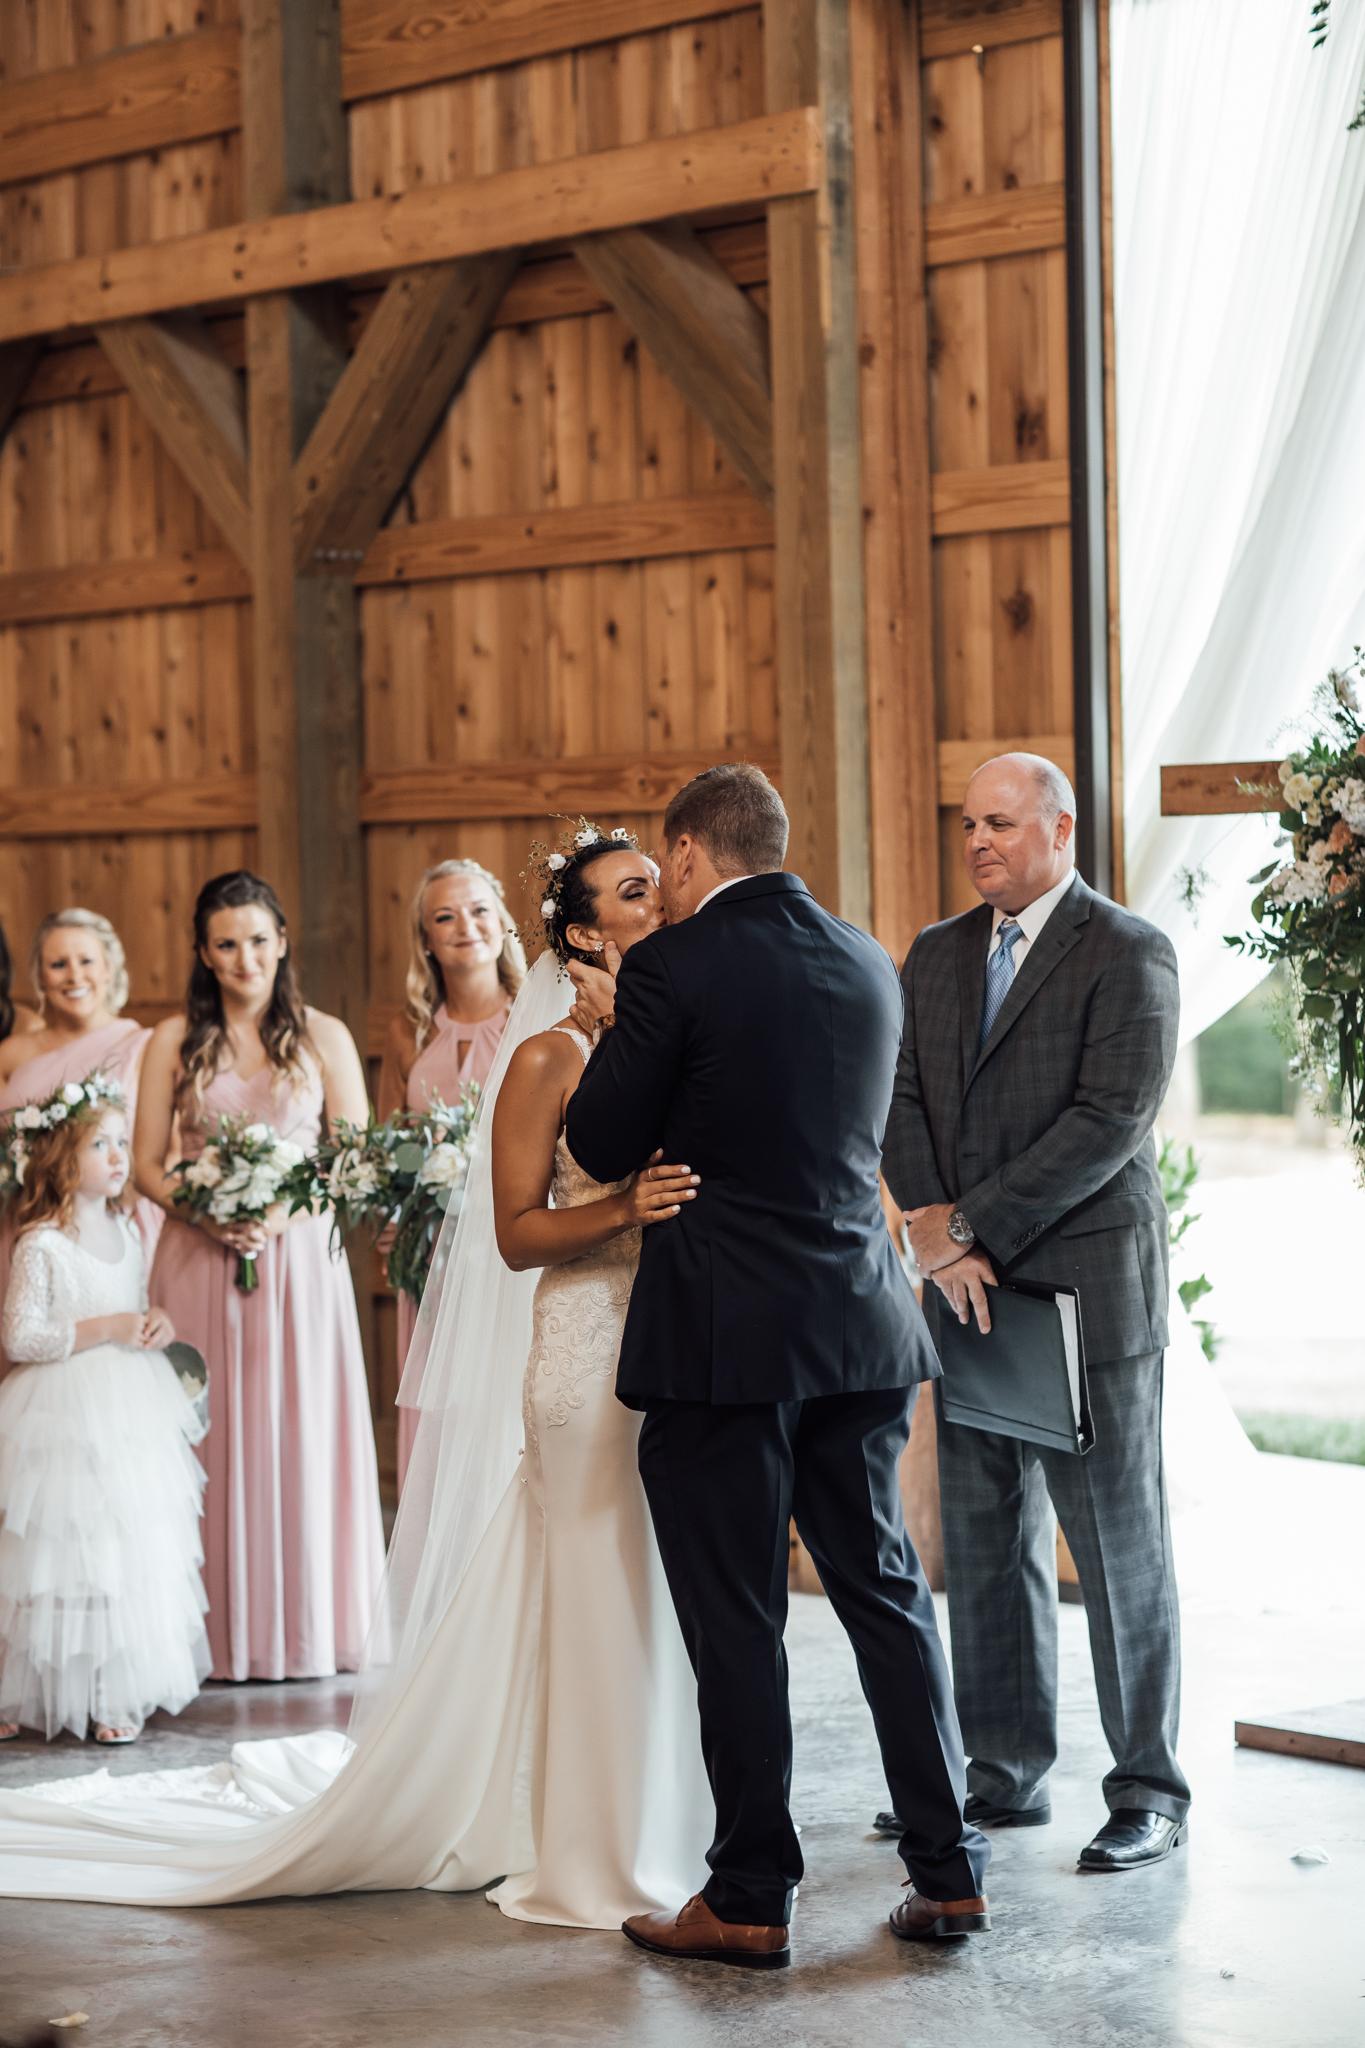 saddlewoodsfarms-nashville-wedding-photographer-thewarmtharoundyou-rustic-wedding (208 of 251).jpg